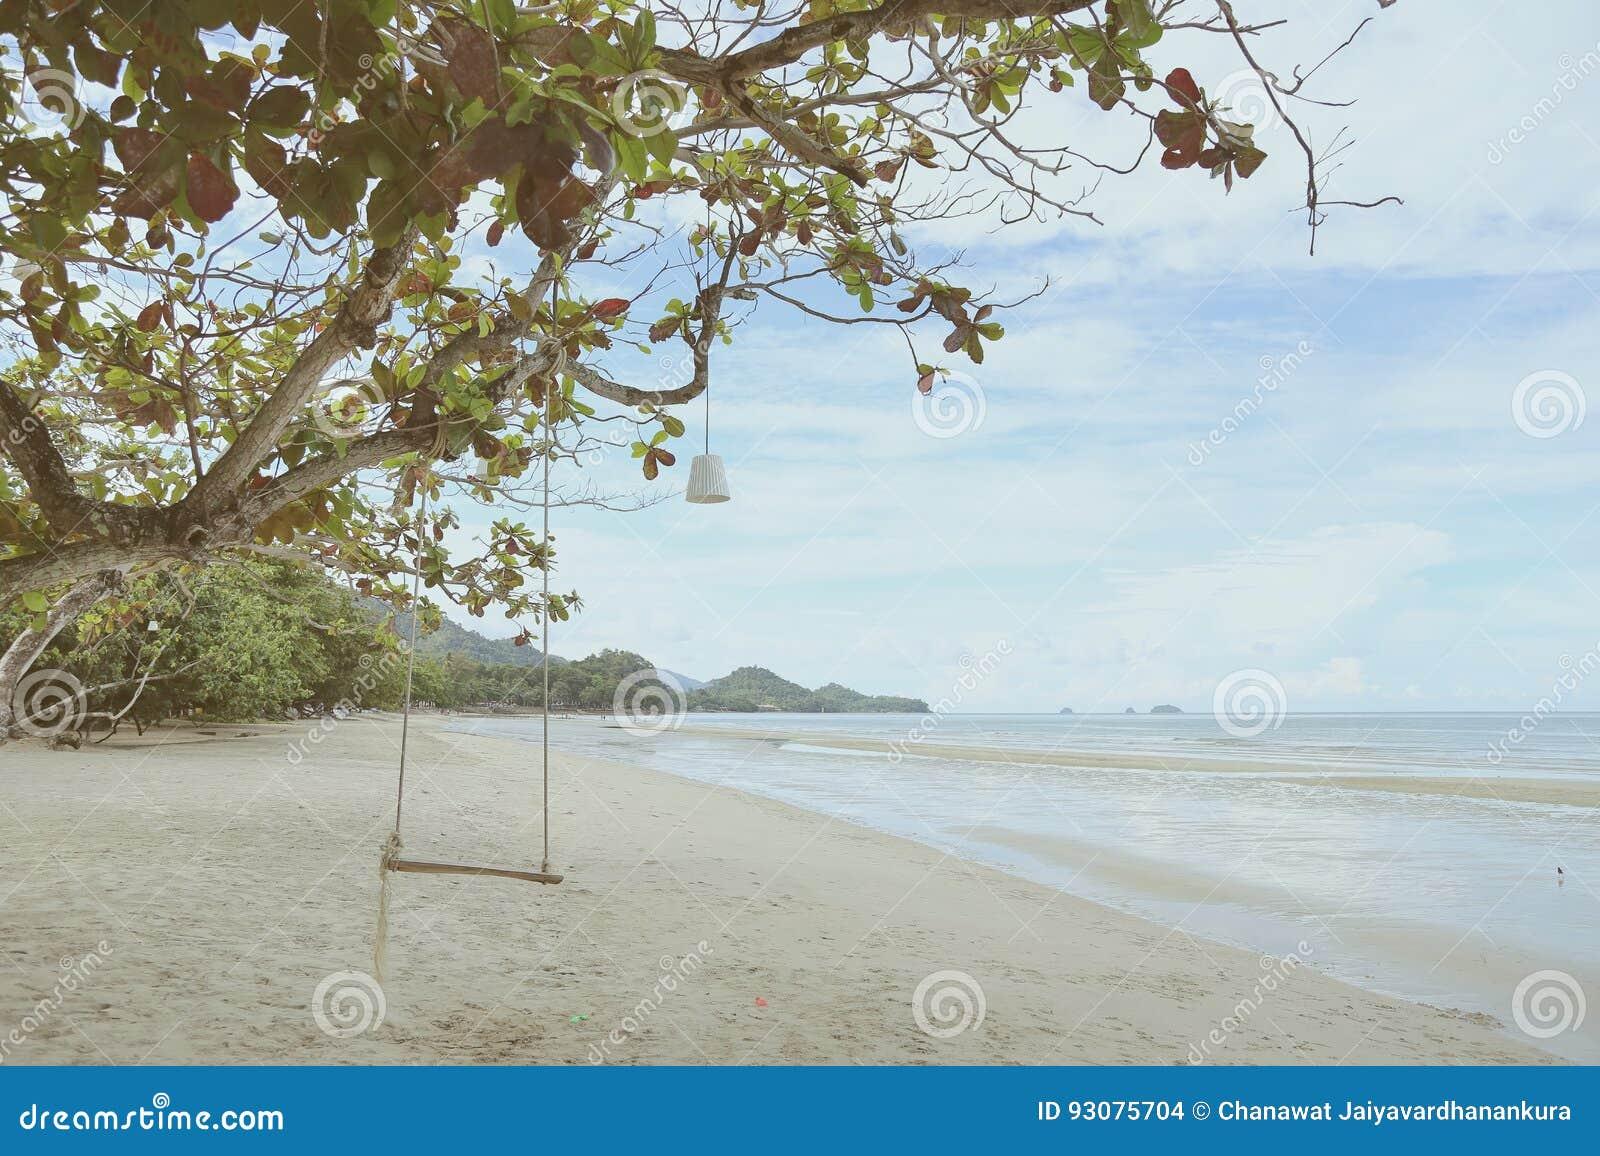 Opróżnia drewnianego huśtawkowego obwieszenie na gałąź w słonecznym dniu blisko plaży koh Chang, zatoka Tajlandia, rocznika filtr